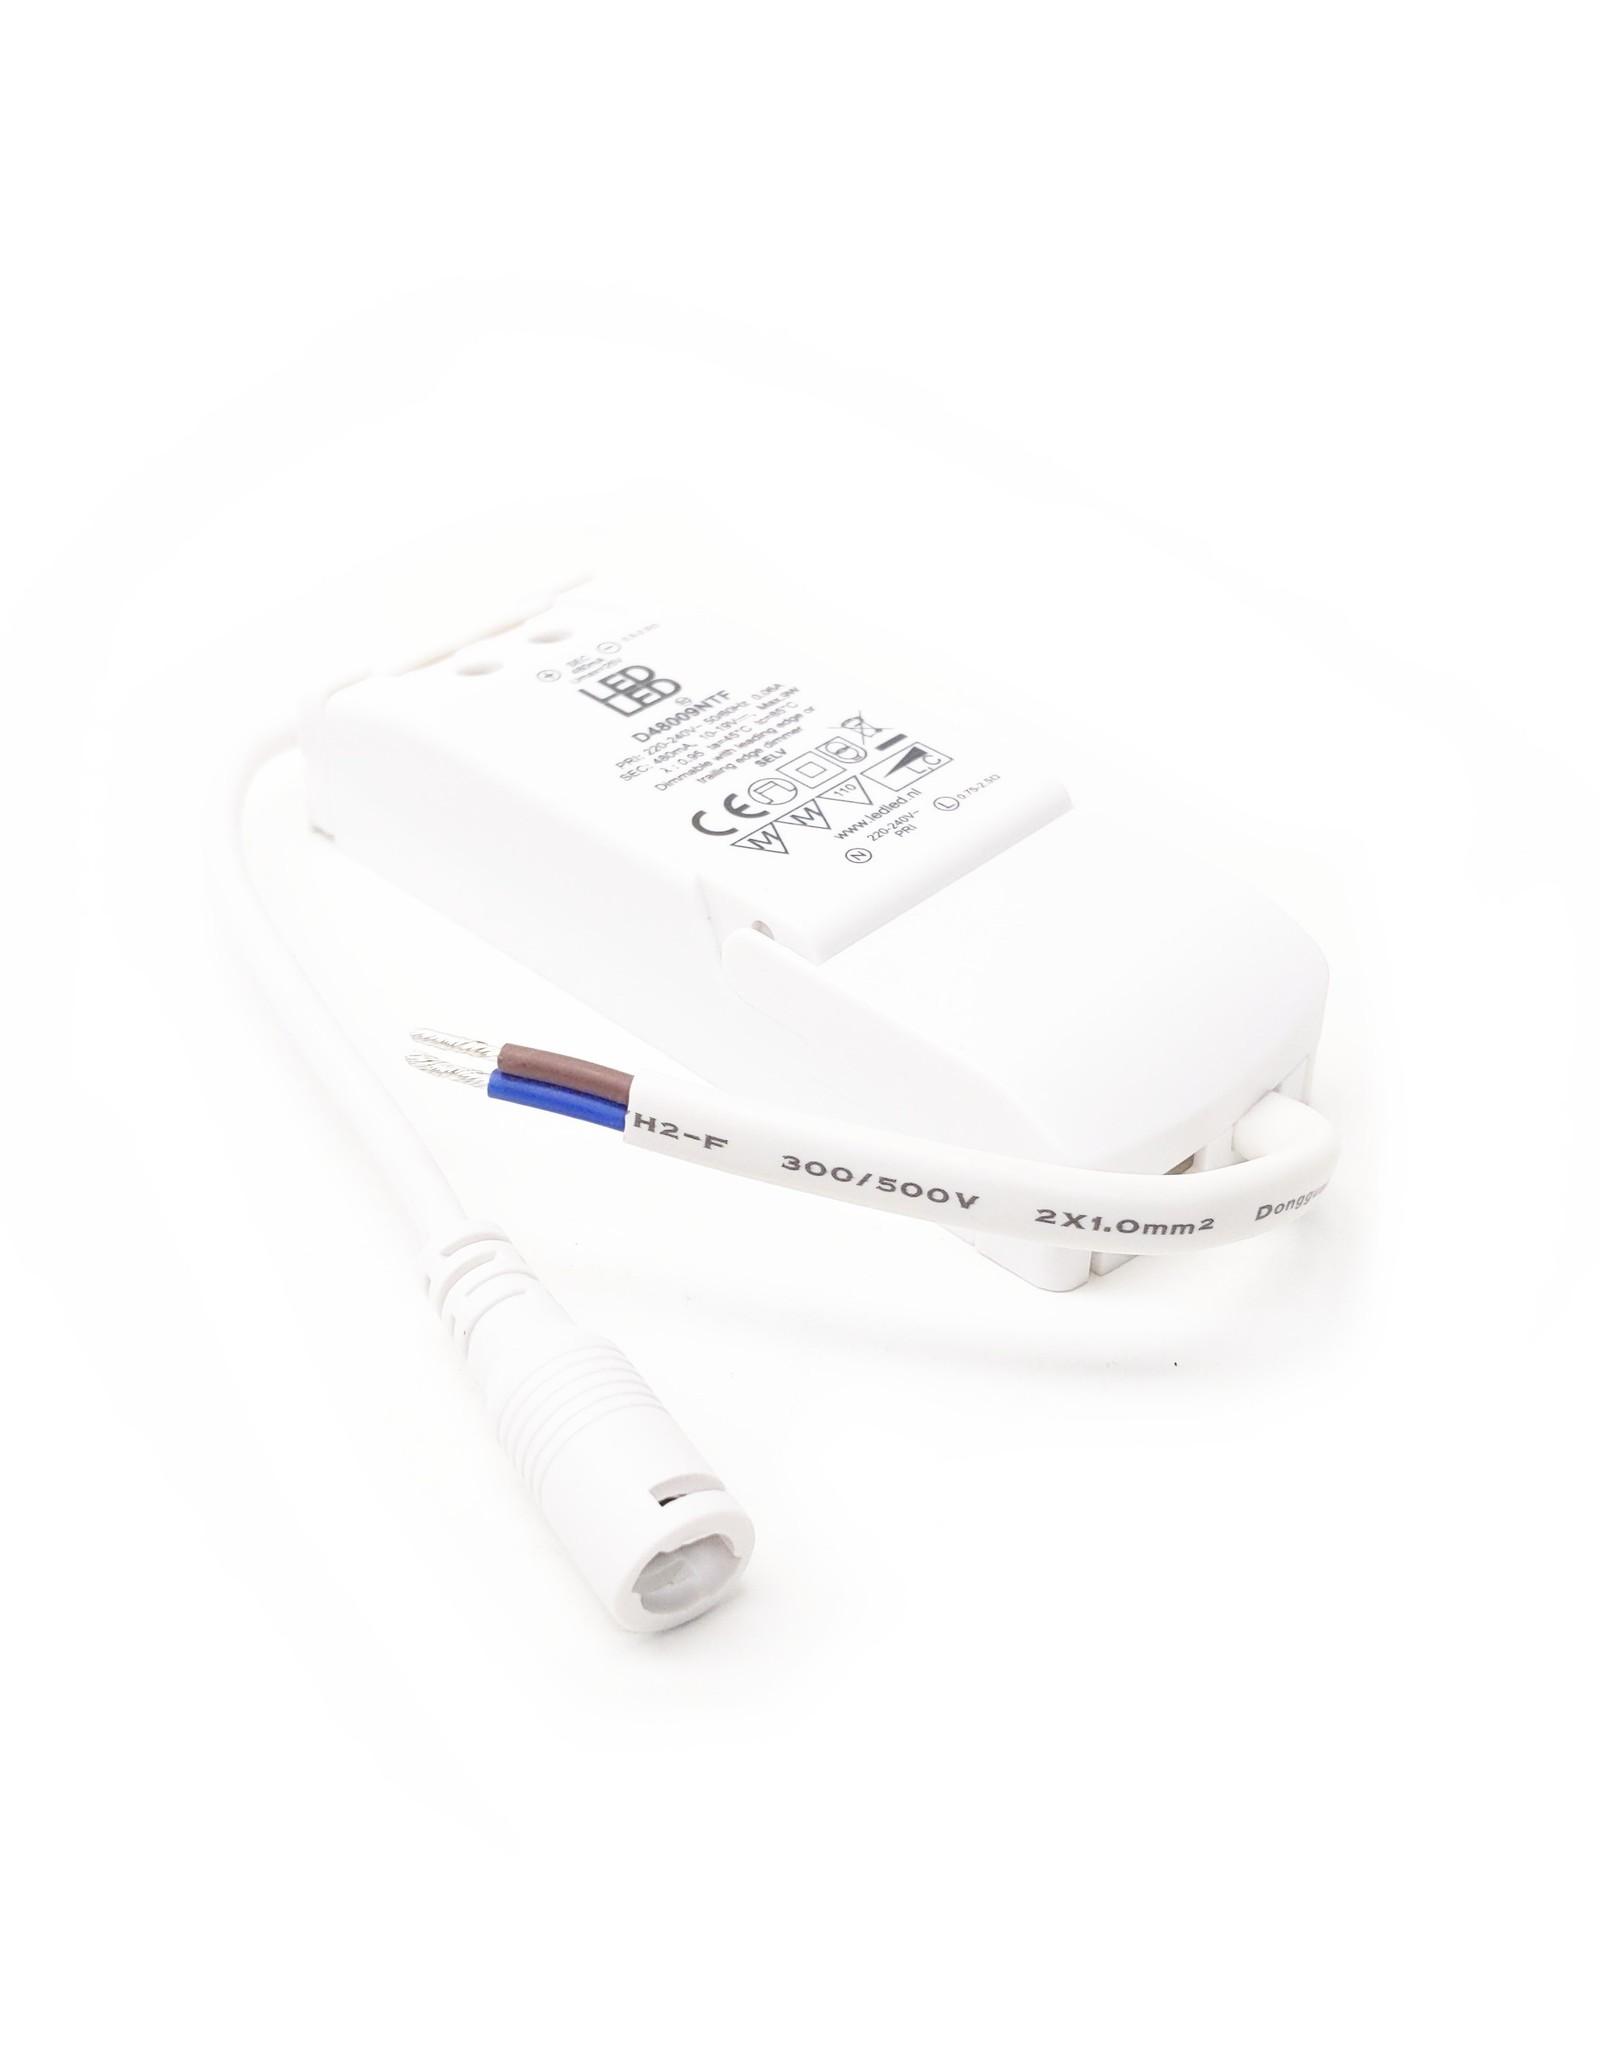 LedLed Addy led kantelspot vierkant wit dimbaar - Interieur lens